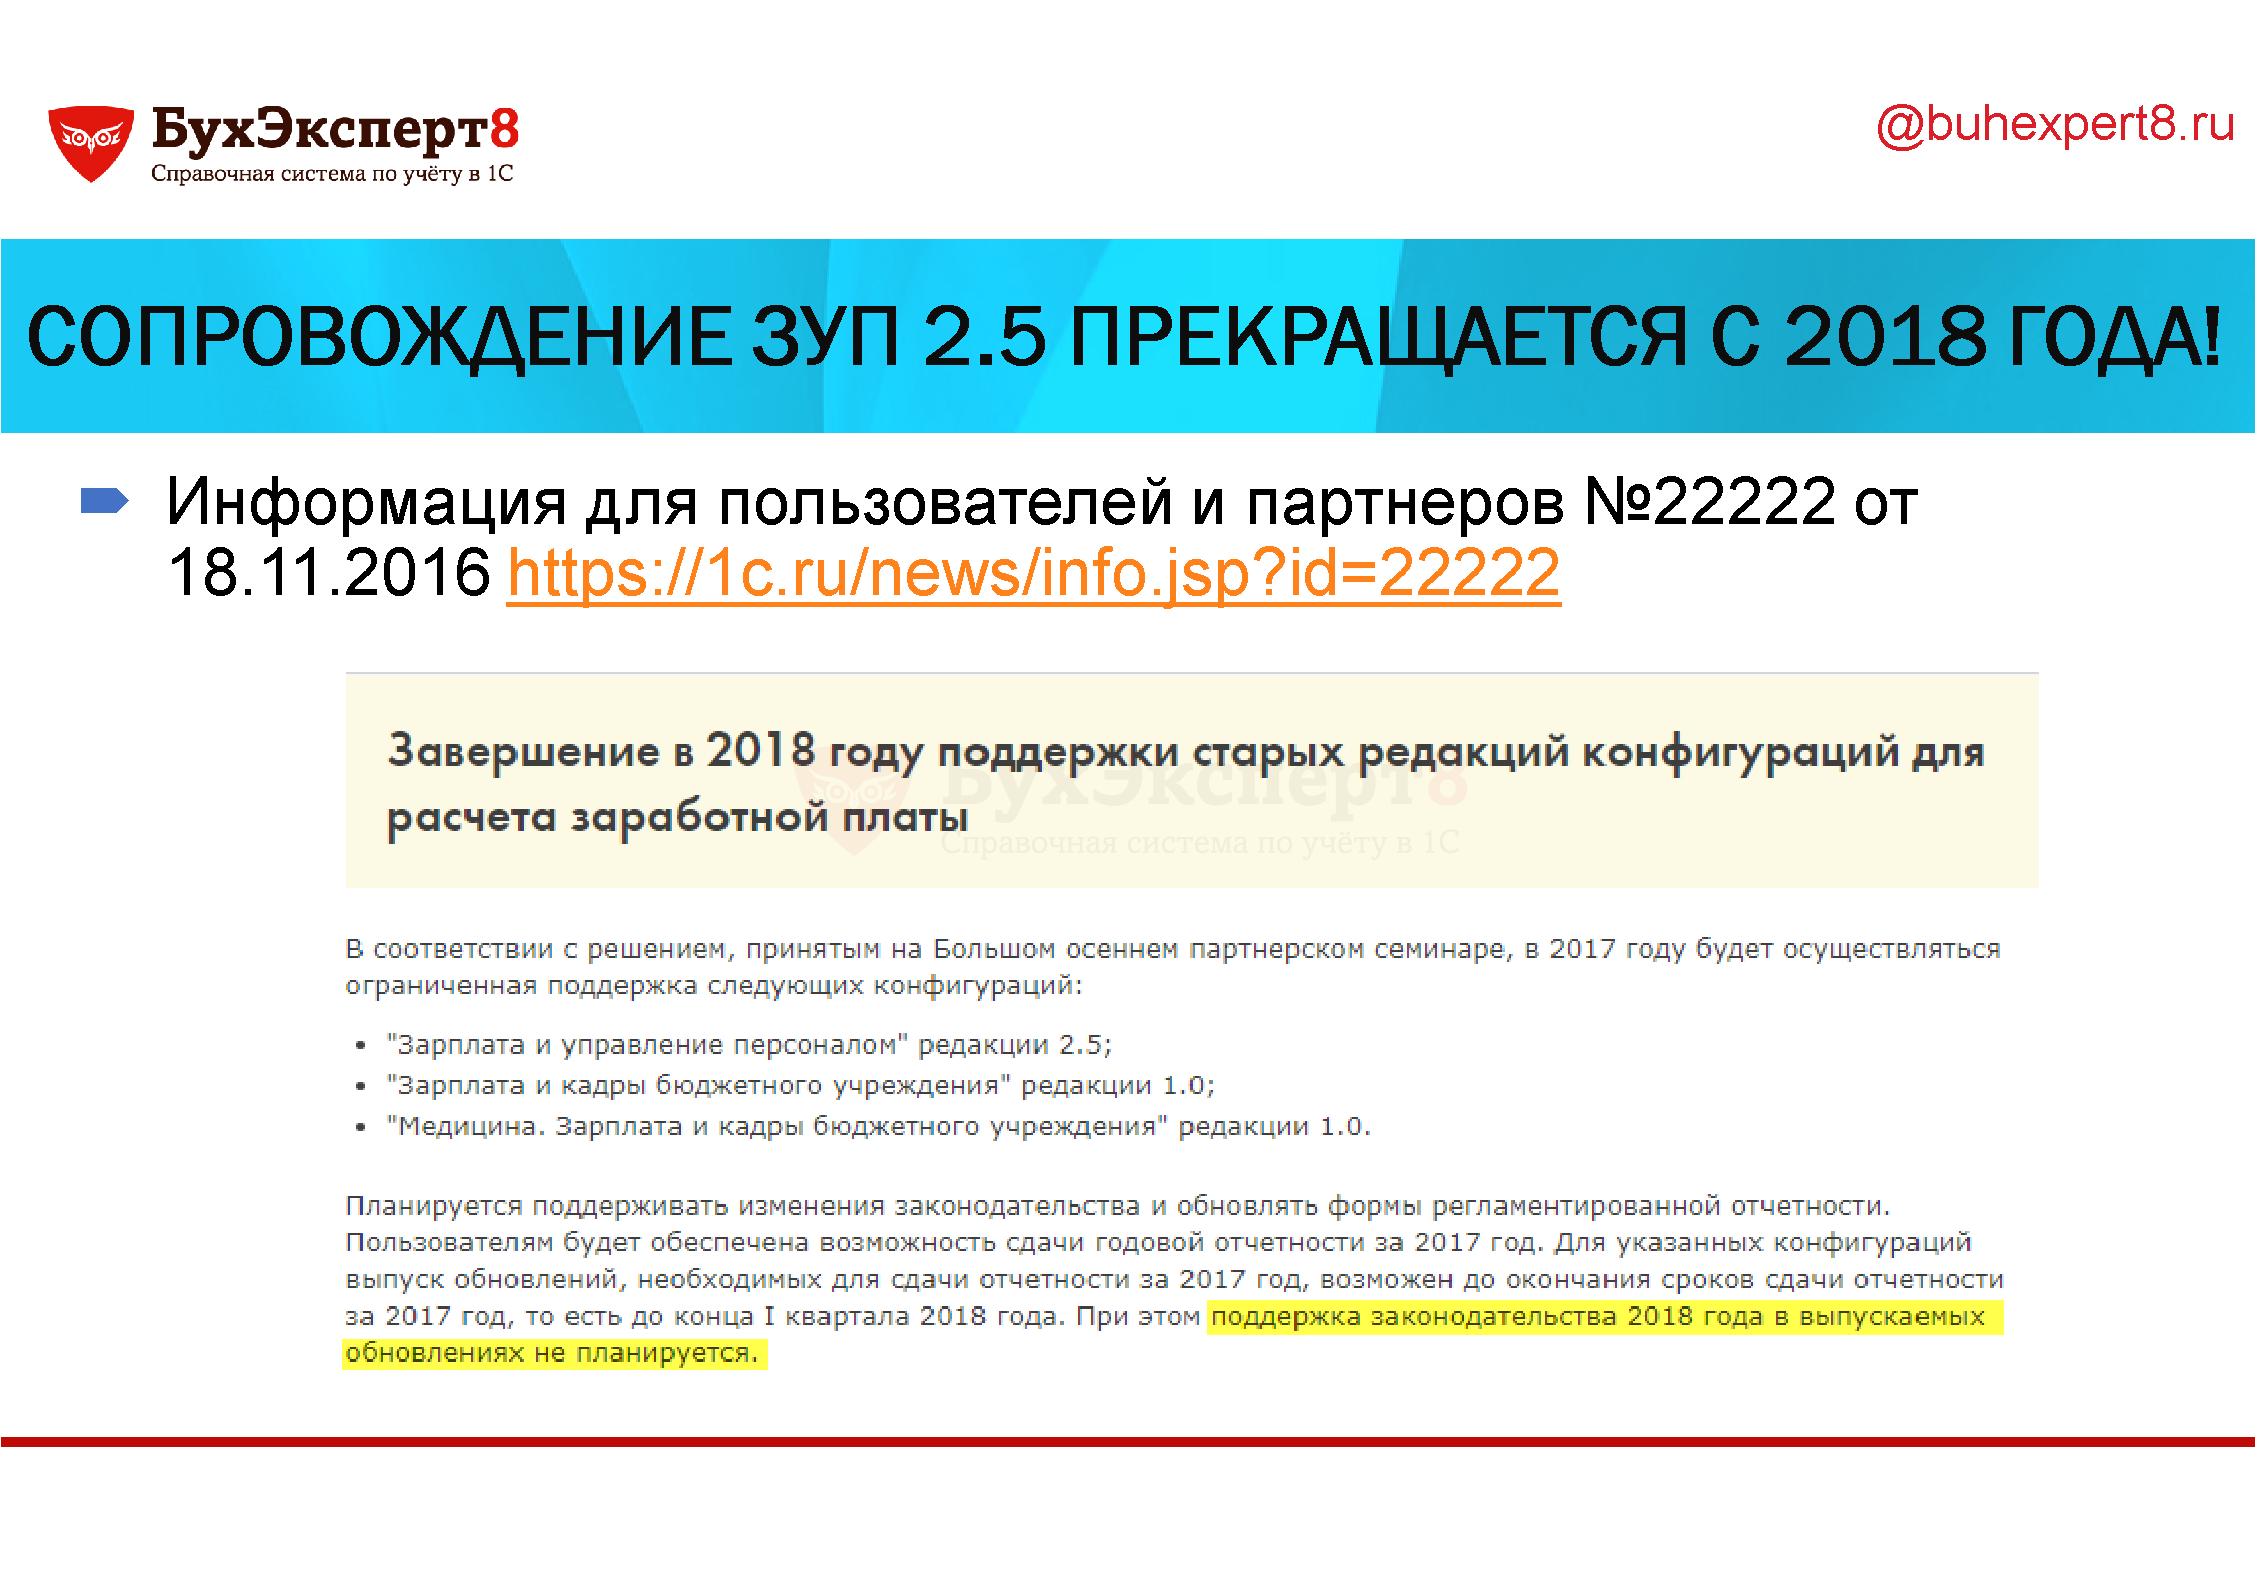 Сопровождение ЗУП 2.5 прекращается с 2018 года!Информация для пользователей и партнеров №22222 от 18.11.2016 https://1c.ru/news/info.jsp?id=22222